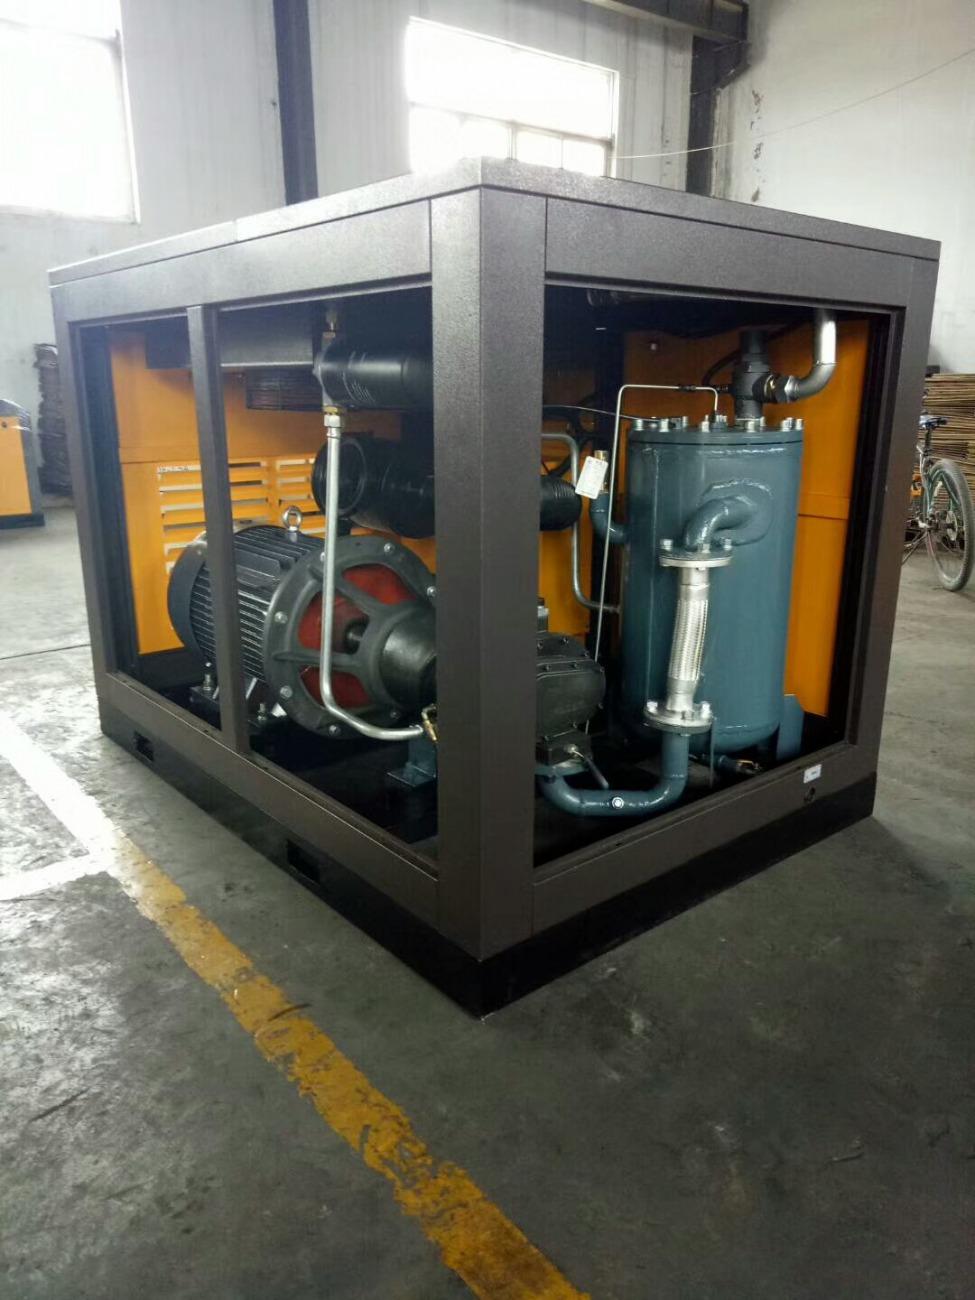 河北省吴桥压缩机公司销售部 螺杆空压机 喷砂设备